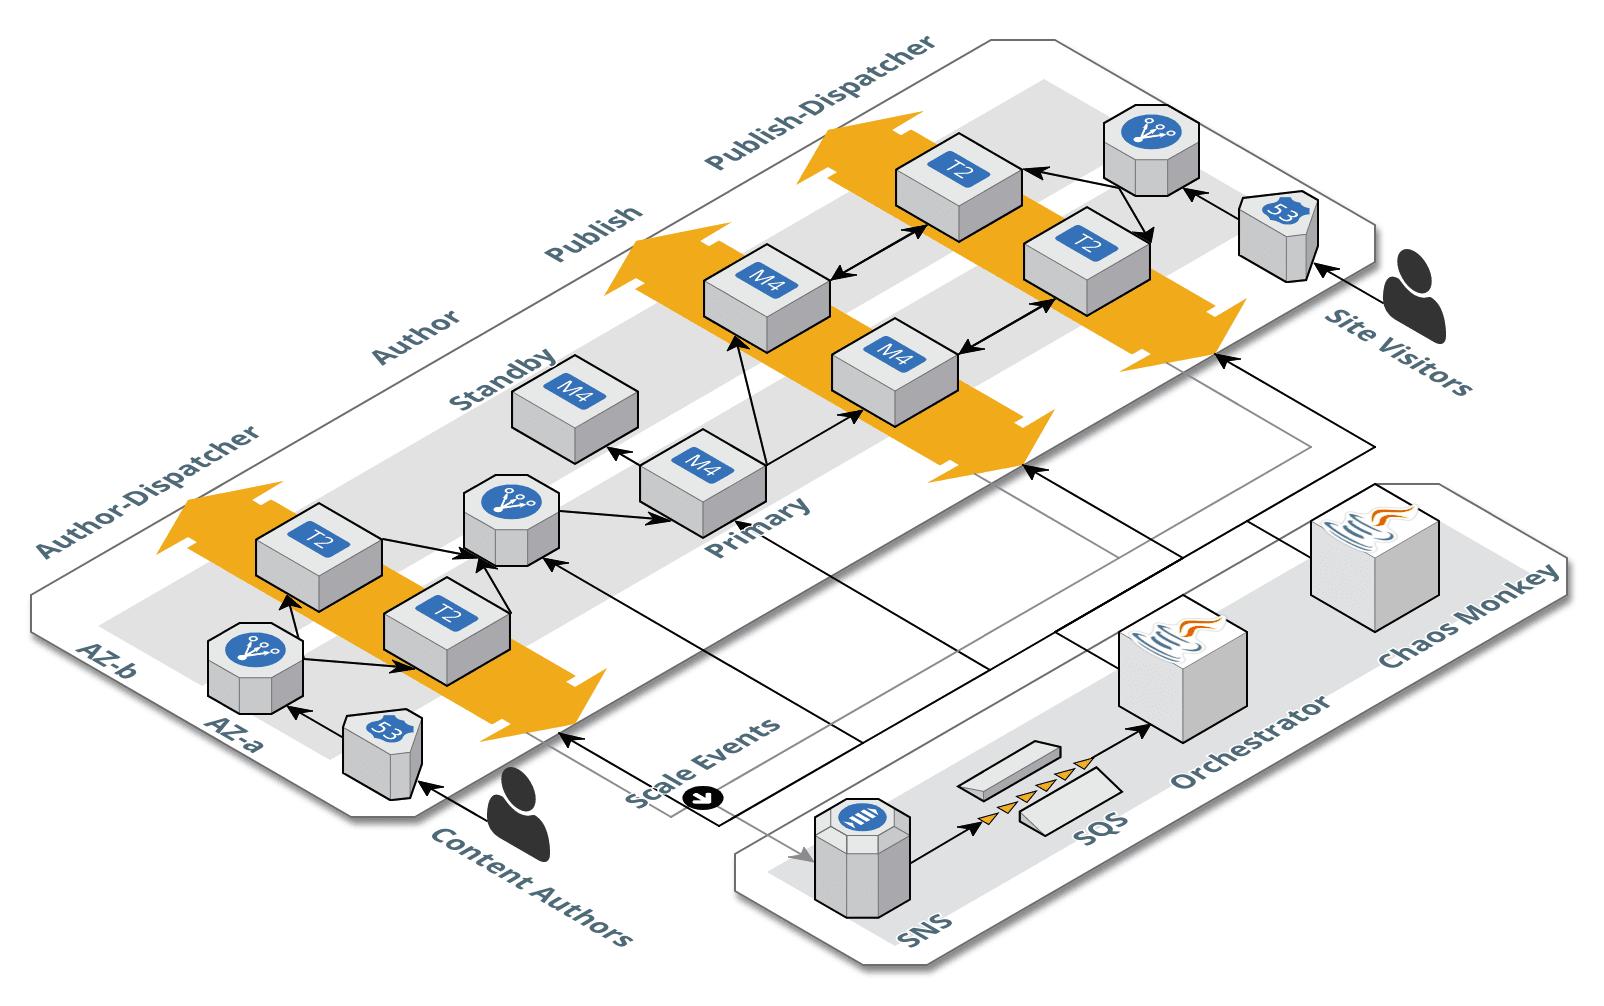 AEM Full-Set Architecture Diagram